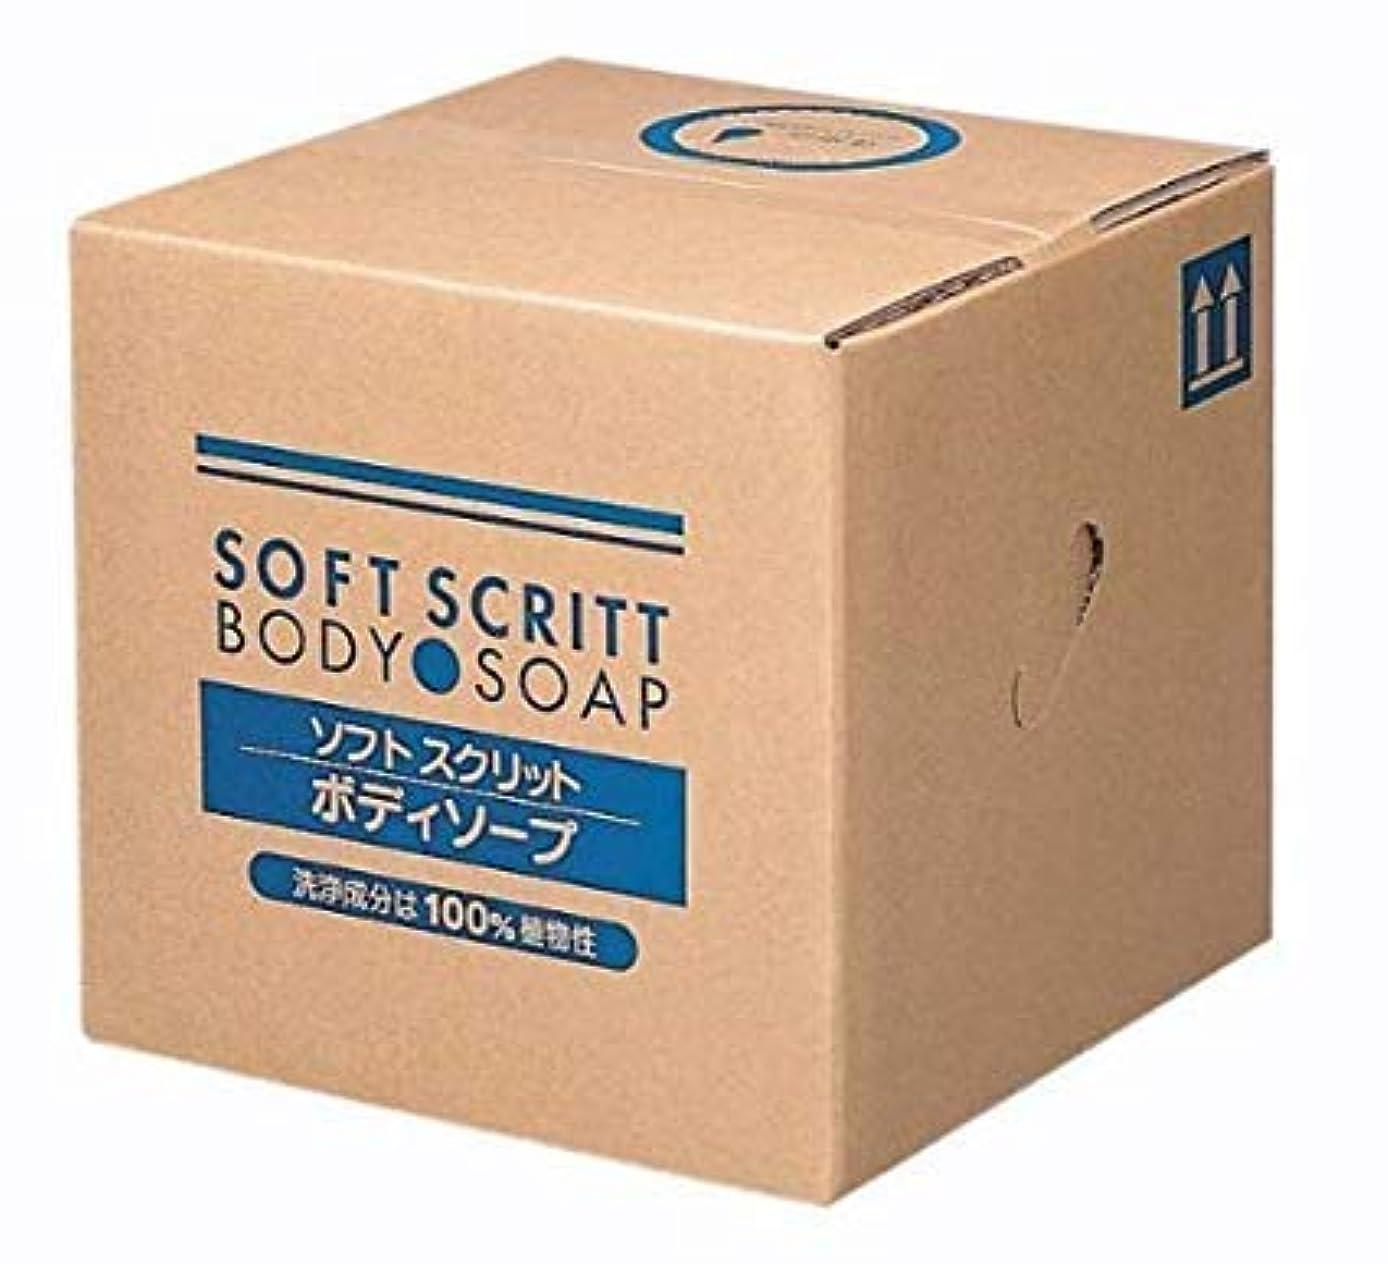 封筒ディンカルビルモンゴメリー業務用 SOFT SCRITT(ソフト スクリット) ボディソープ 18L 熊野油脂 コック無し